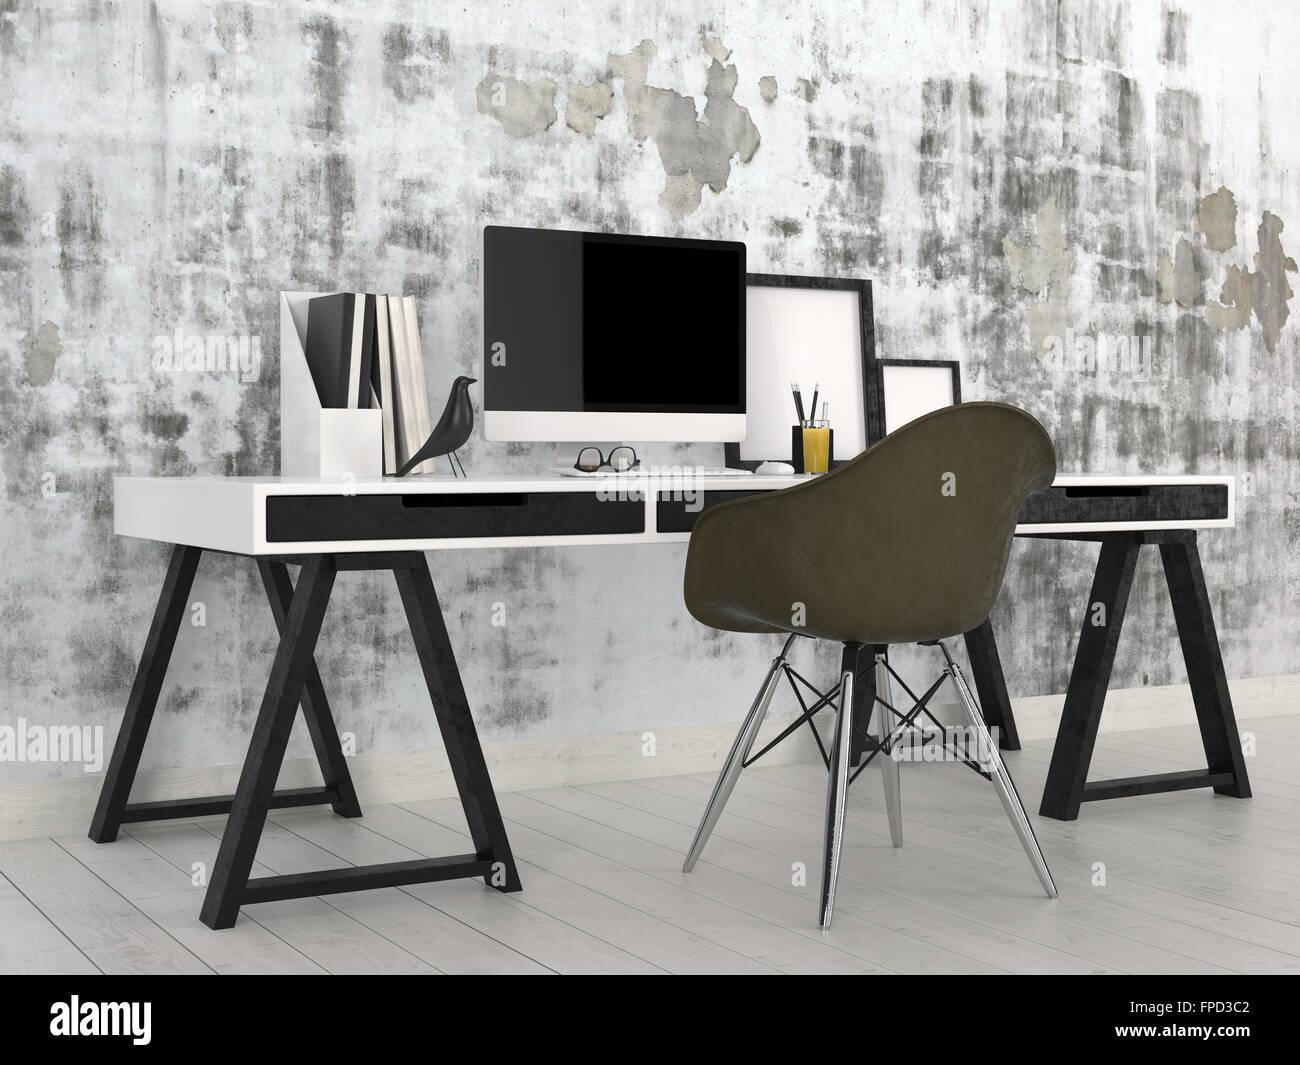 Elegantes Escritorios De Oficina Modernos.Elegante Y Moderno Interior De Oficina En Blanco Y Negro Con